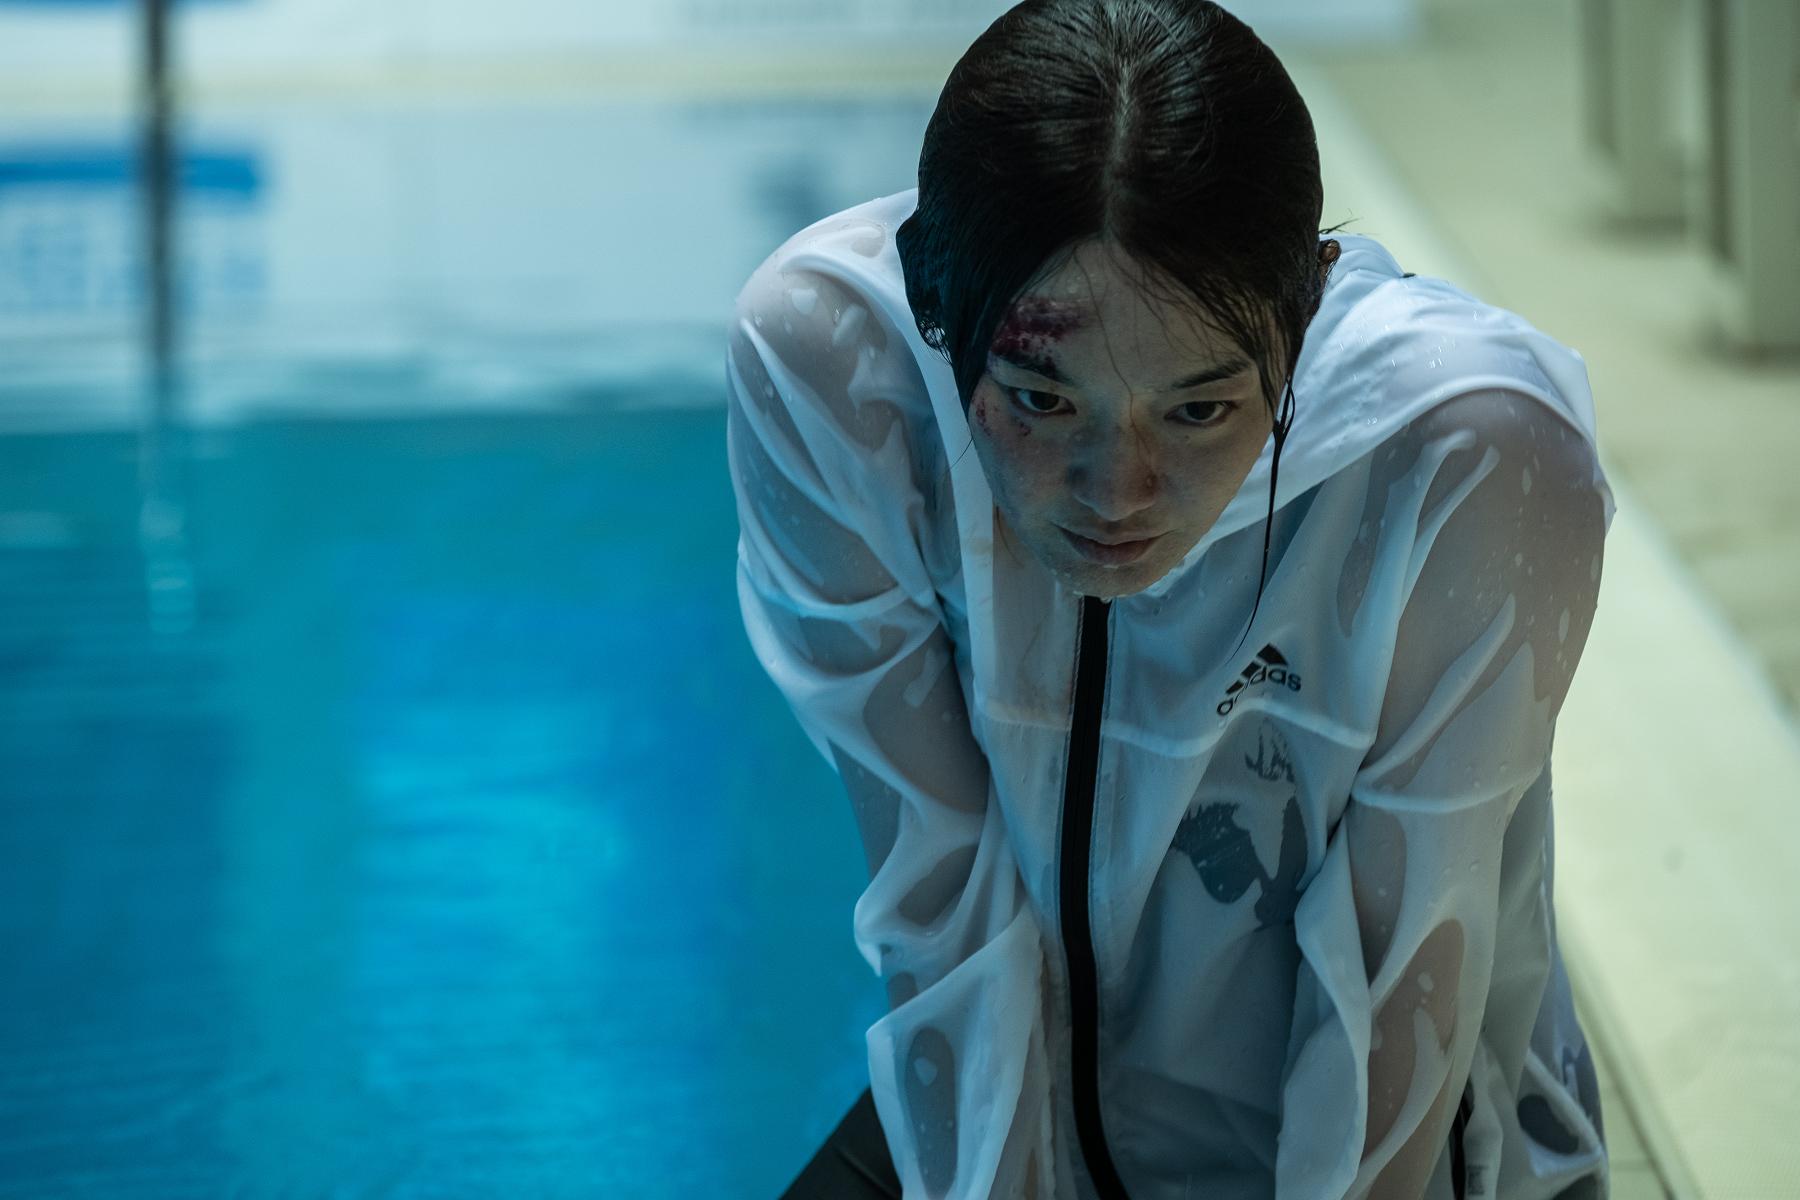 申敏兒不僅擁有漂亮的臉龐,也能呈現出讓人恐懼的眼神,吸引製作方邀約她主演本片